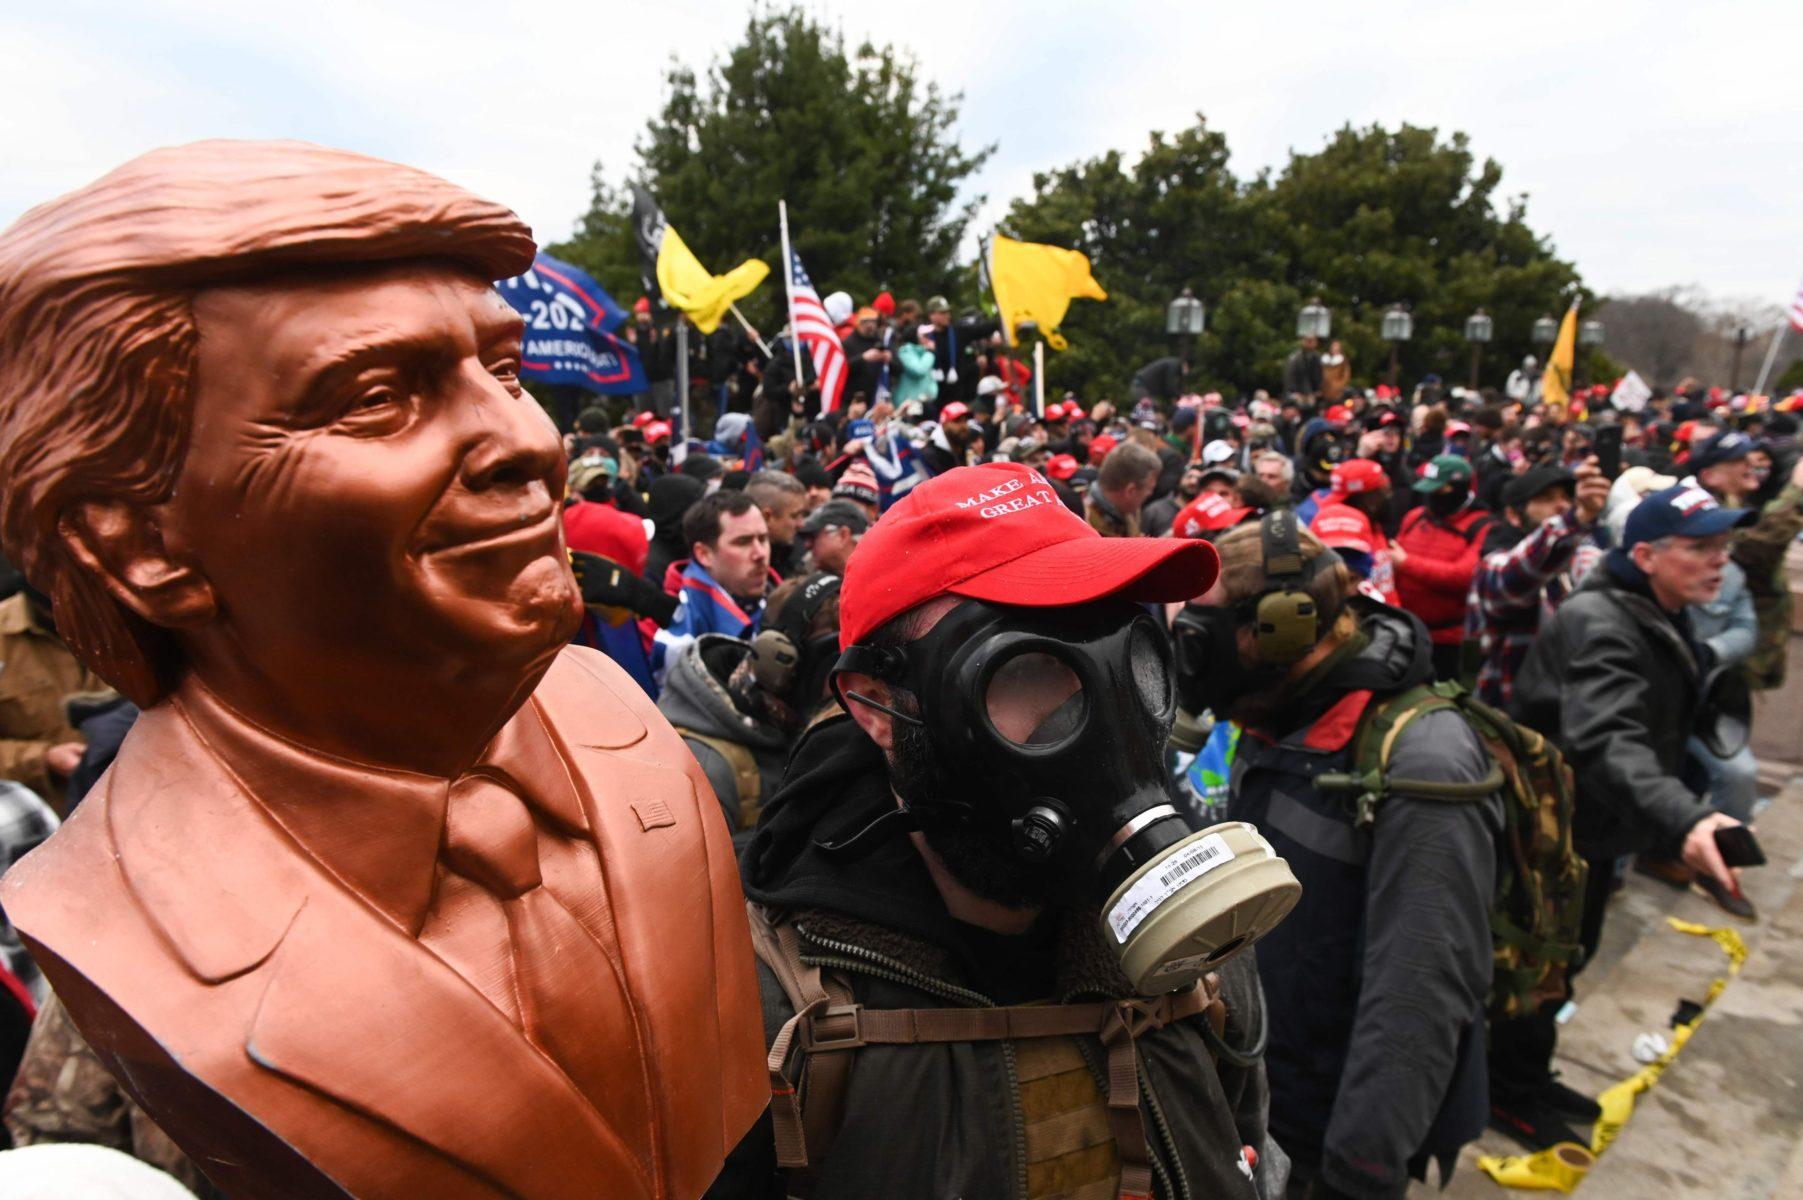 """Presidentti Donald Trumpin kannattajat kokoontuivat National Mall -puistossa Washingonissa 6. tammikuuta, jolloin Yhdysvaltain kongressin oli tarkoitus vahvistaa Joe Bidenin valinta persidentiksi. Mielenilmaukset taustalla olivat presidentti Trumpin esittämät väitteet vaalien valheellisuudesta. Hän oli kehottanut kannattajiaan saapumaan Washingtoniin, taistelemaan ja olemaan """"villejä""""."""